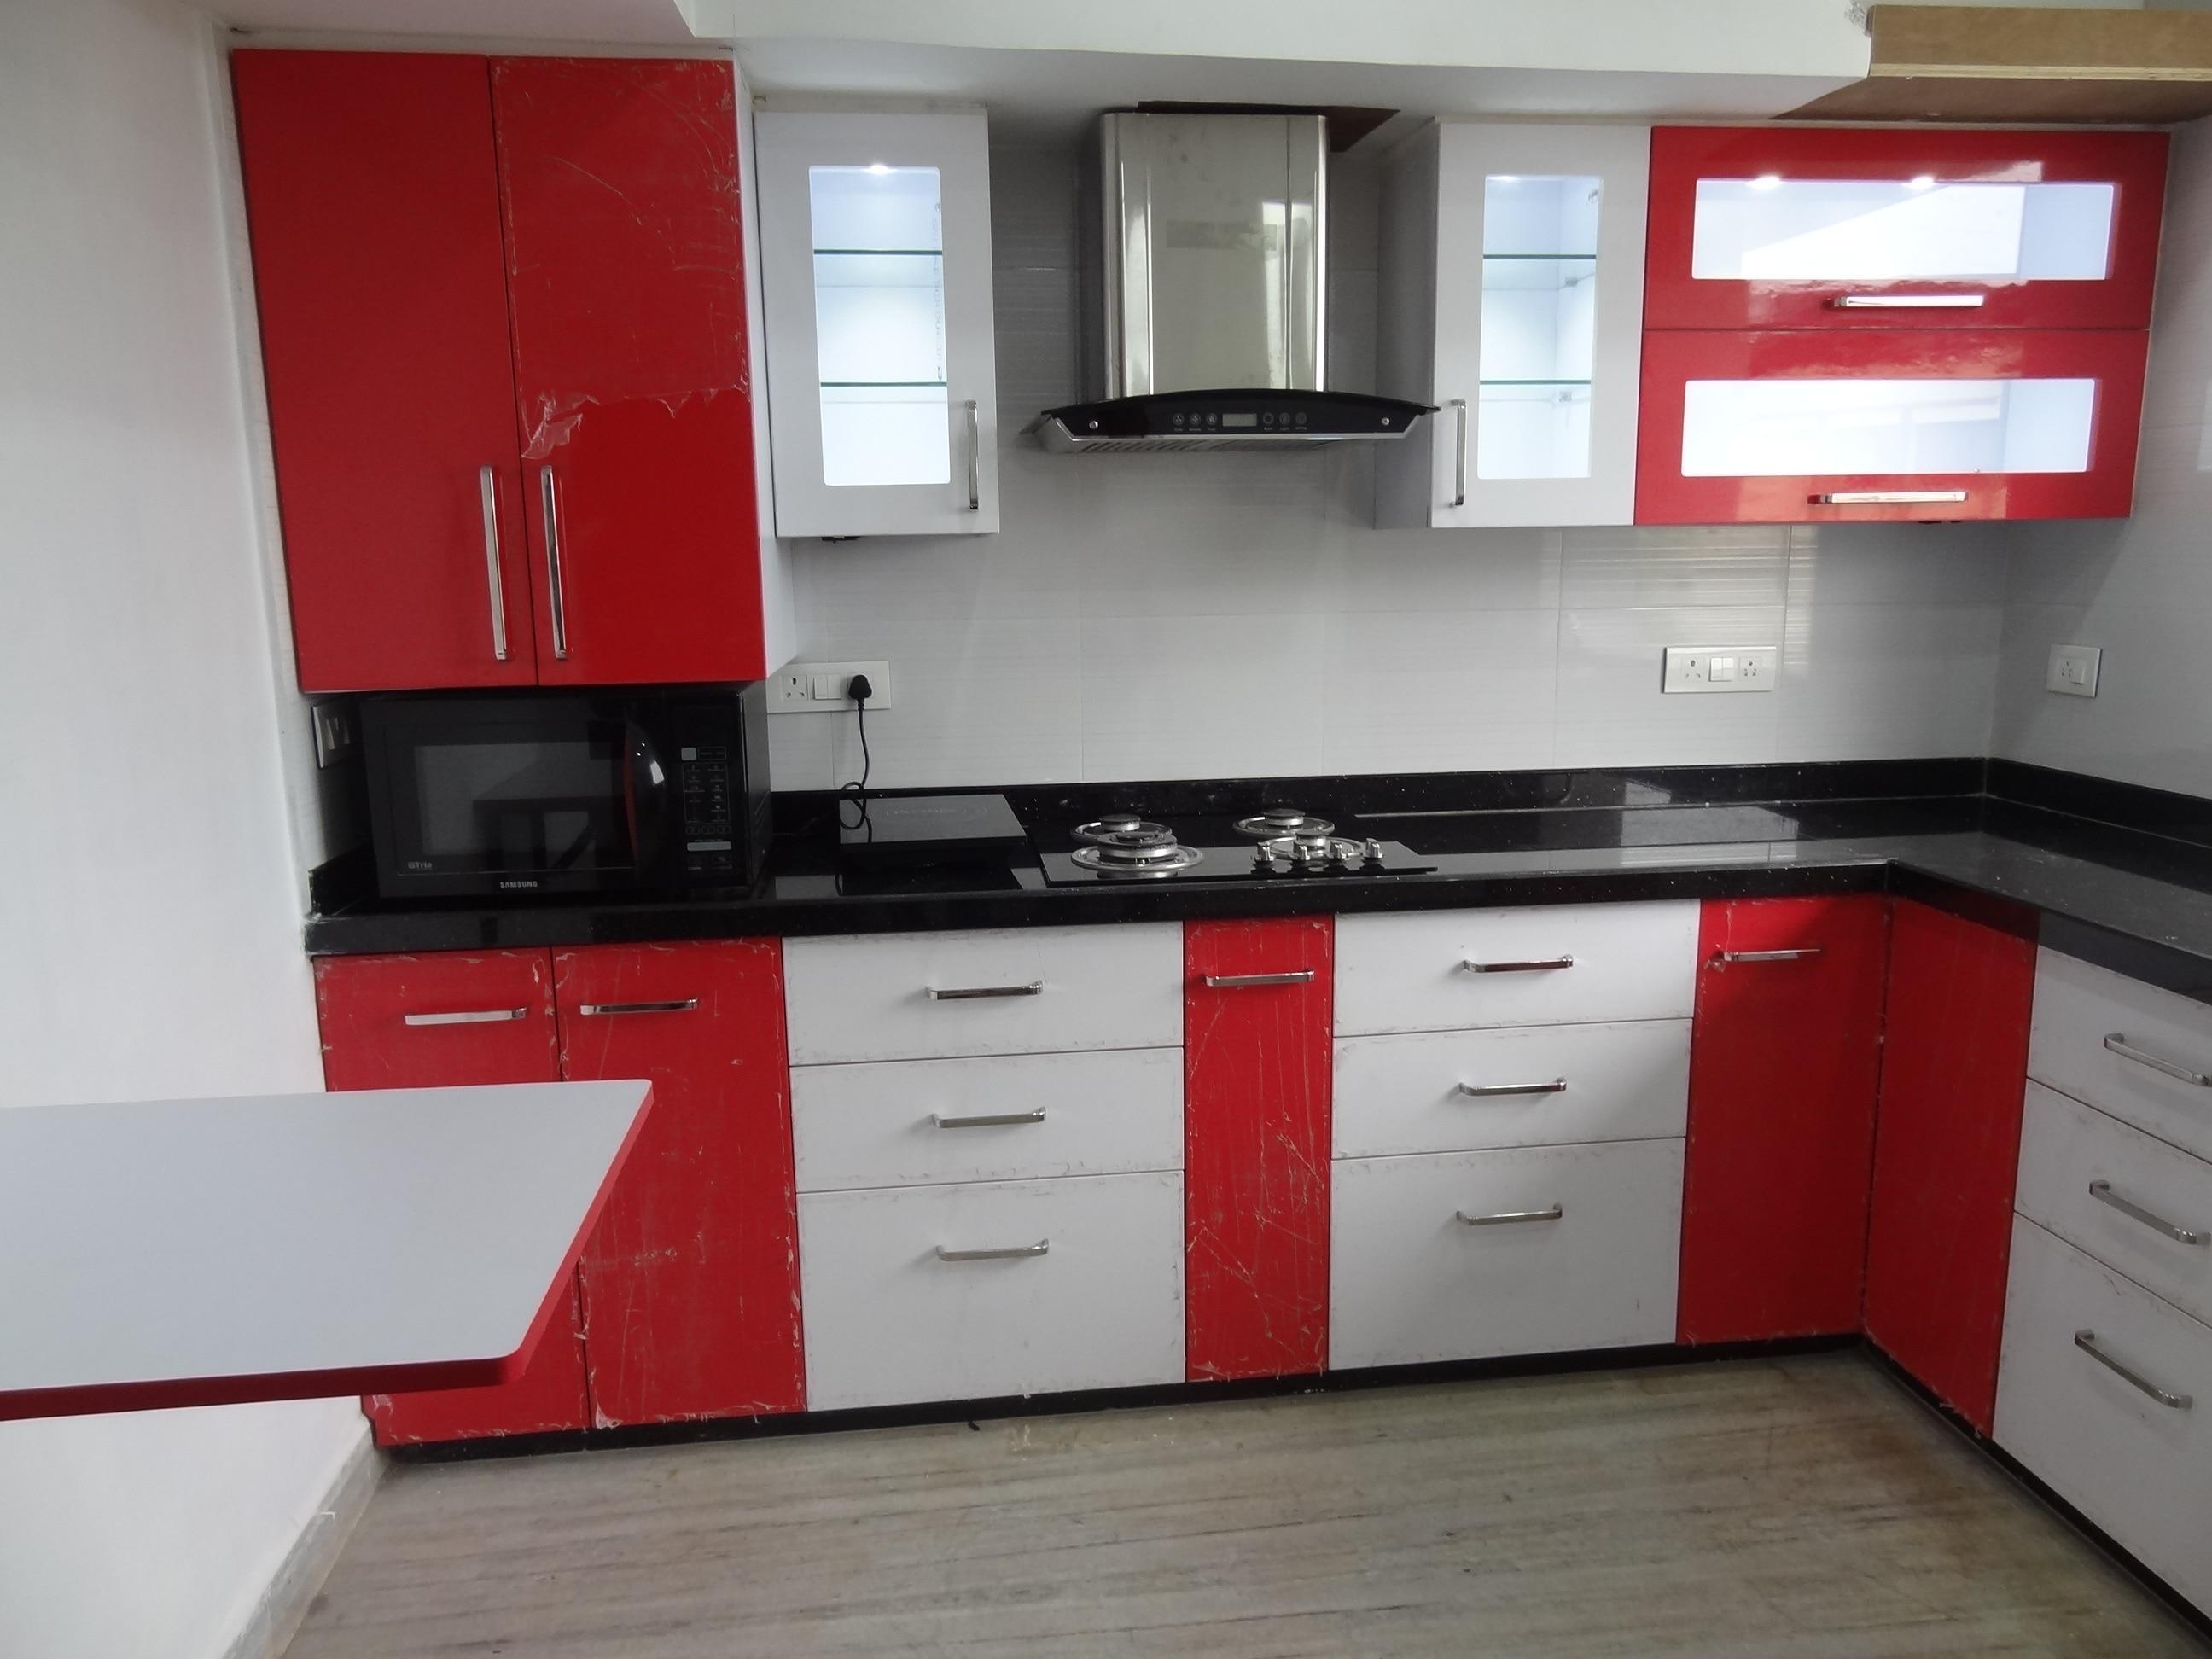 DKS modular kitchen & Accessories